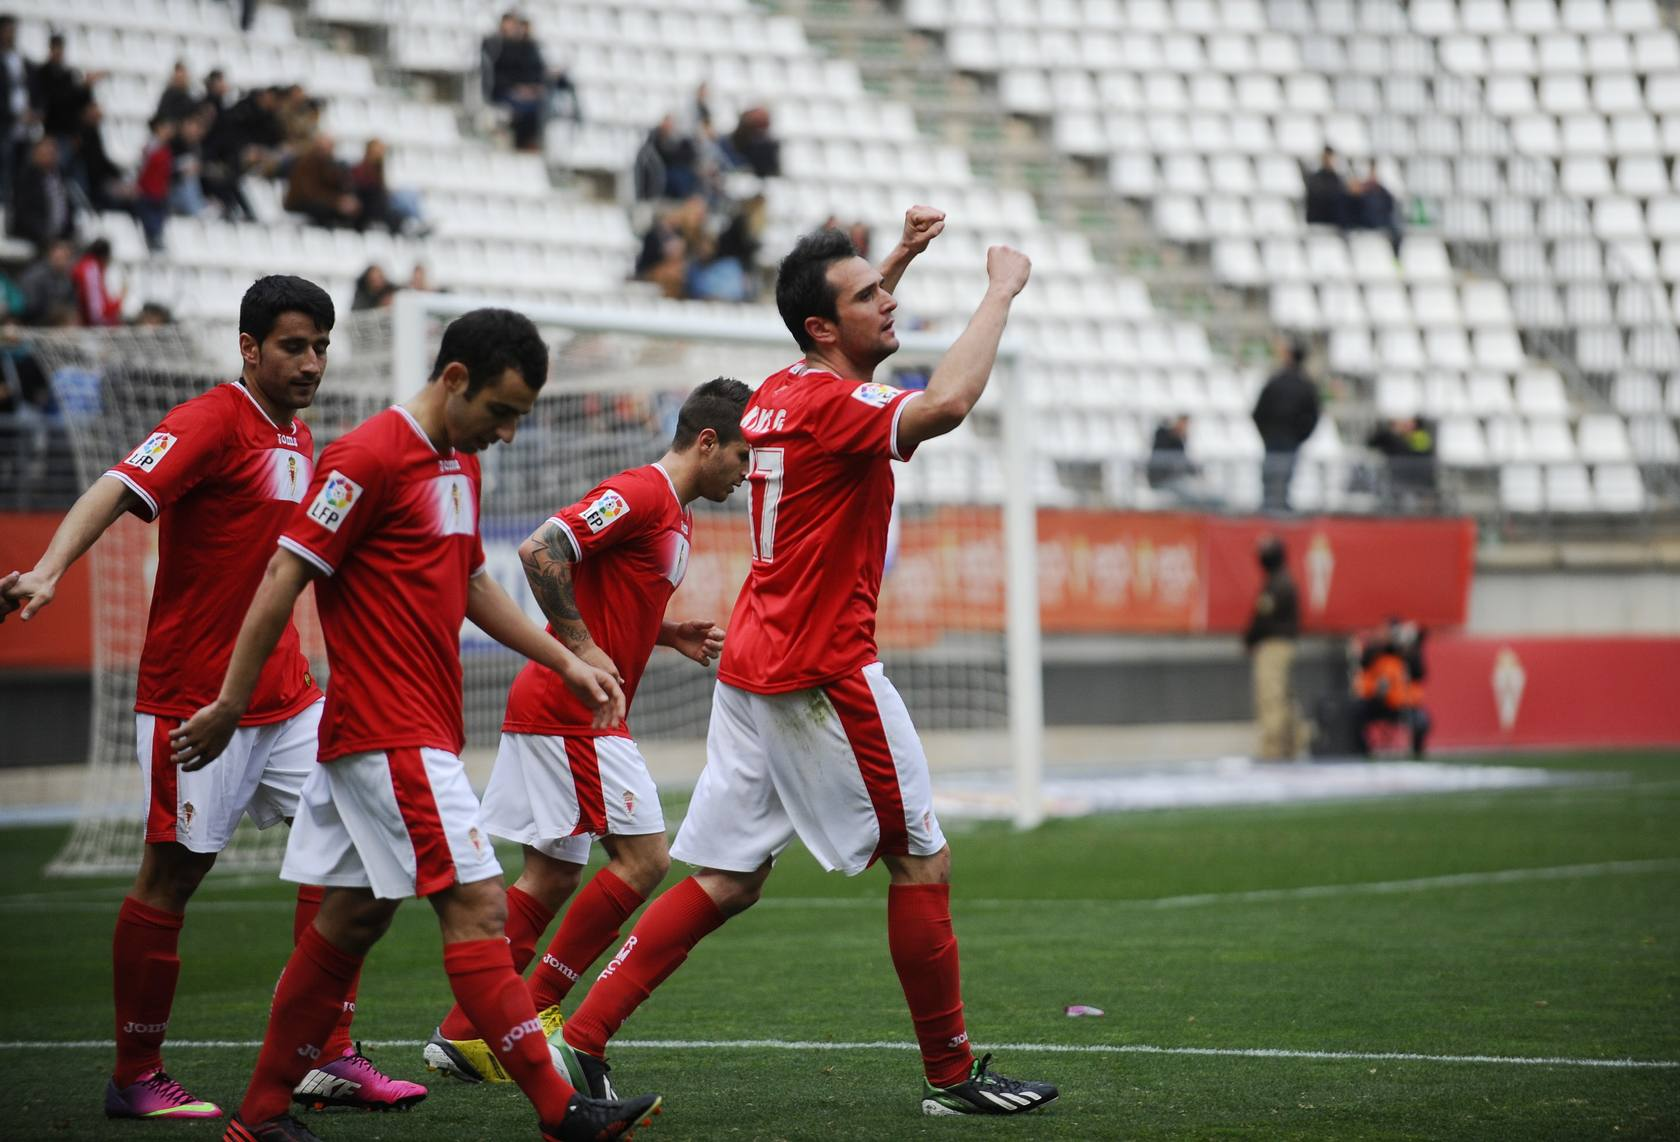 Real Murcia - Xerez (3-1)